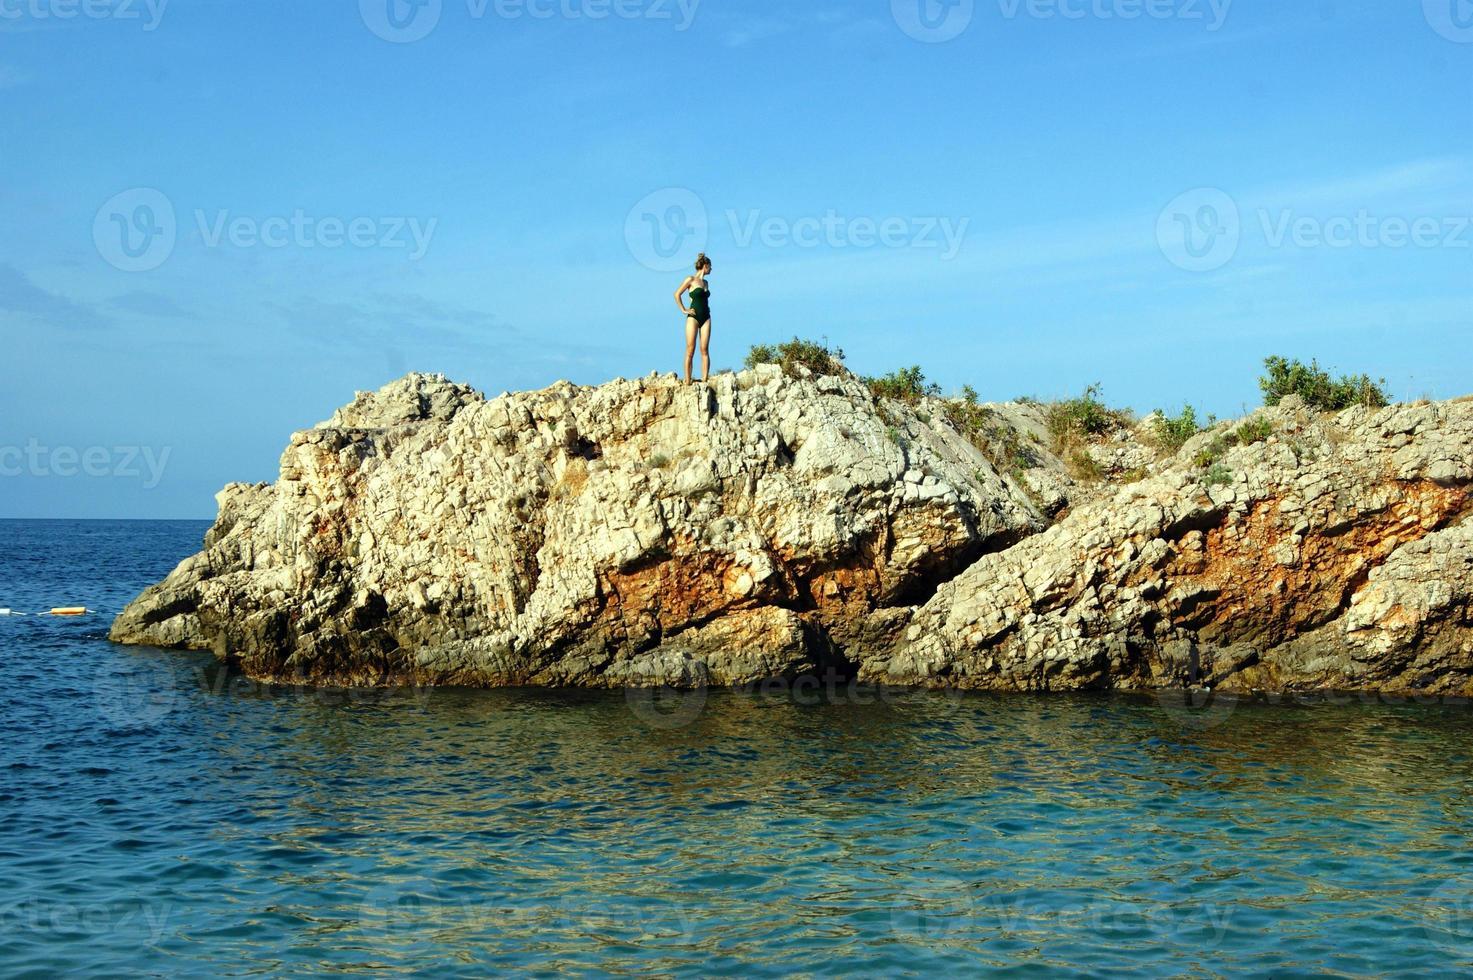 klippön i adriatiska havet foto